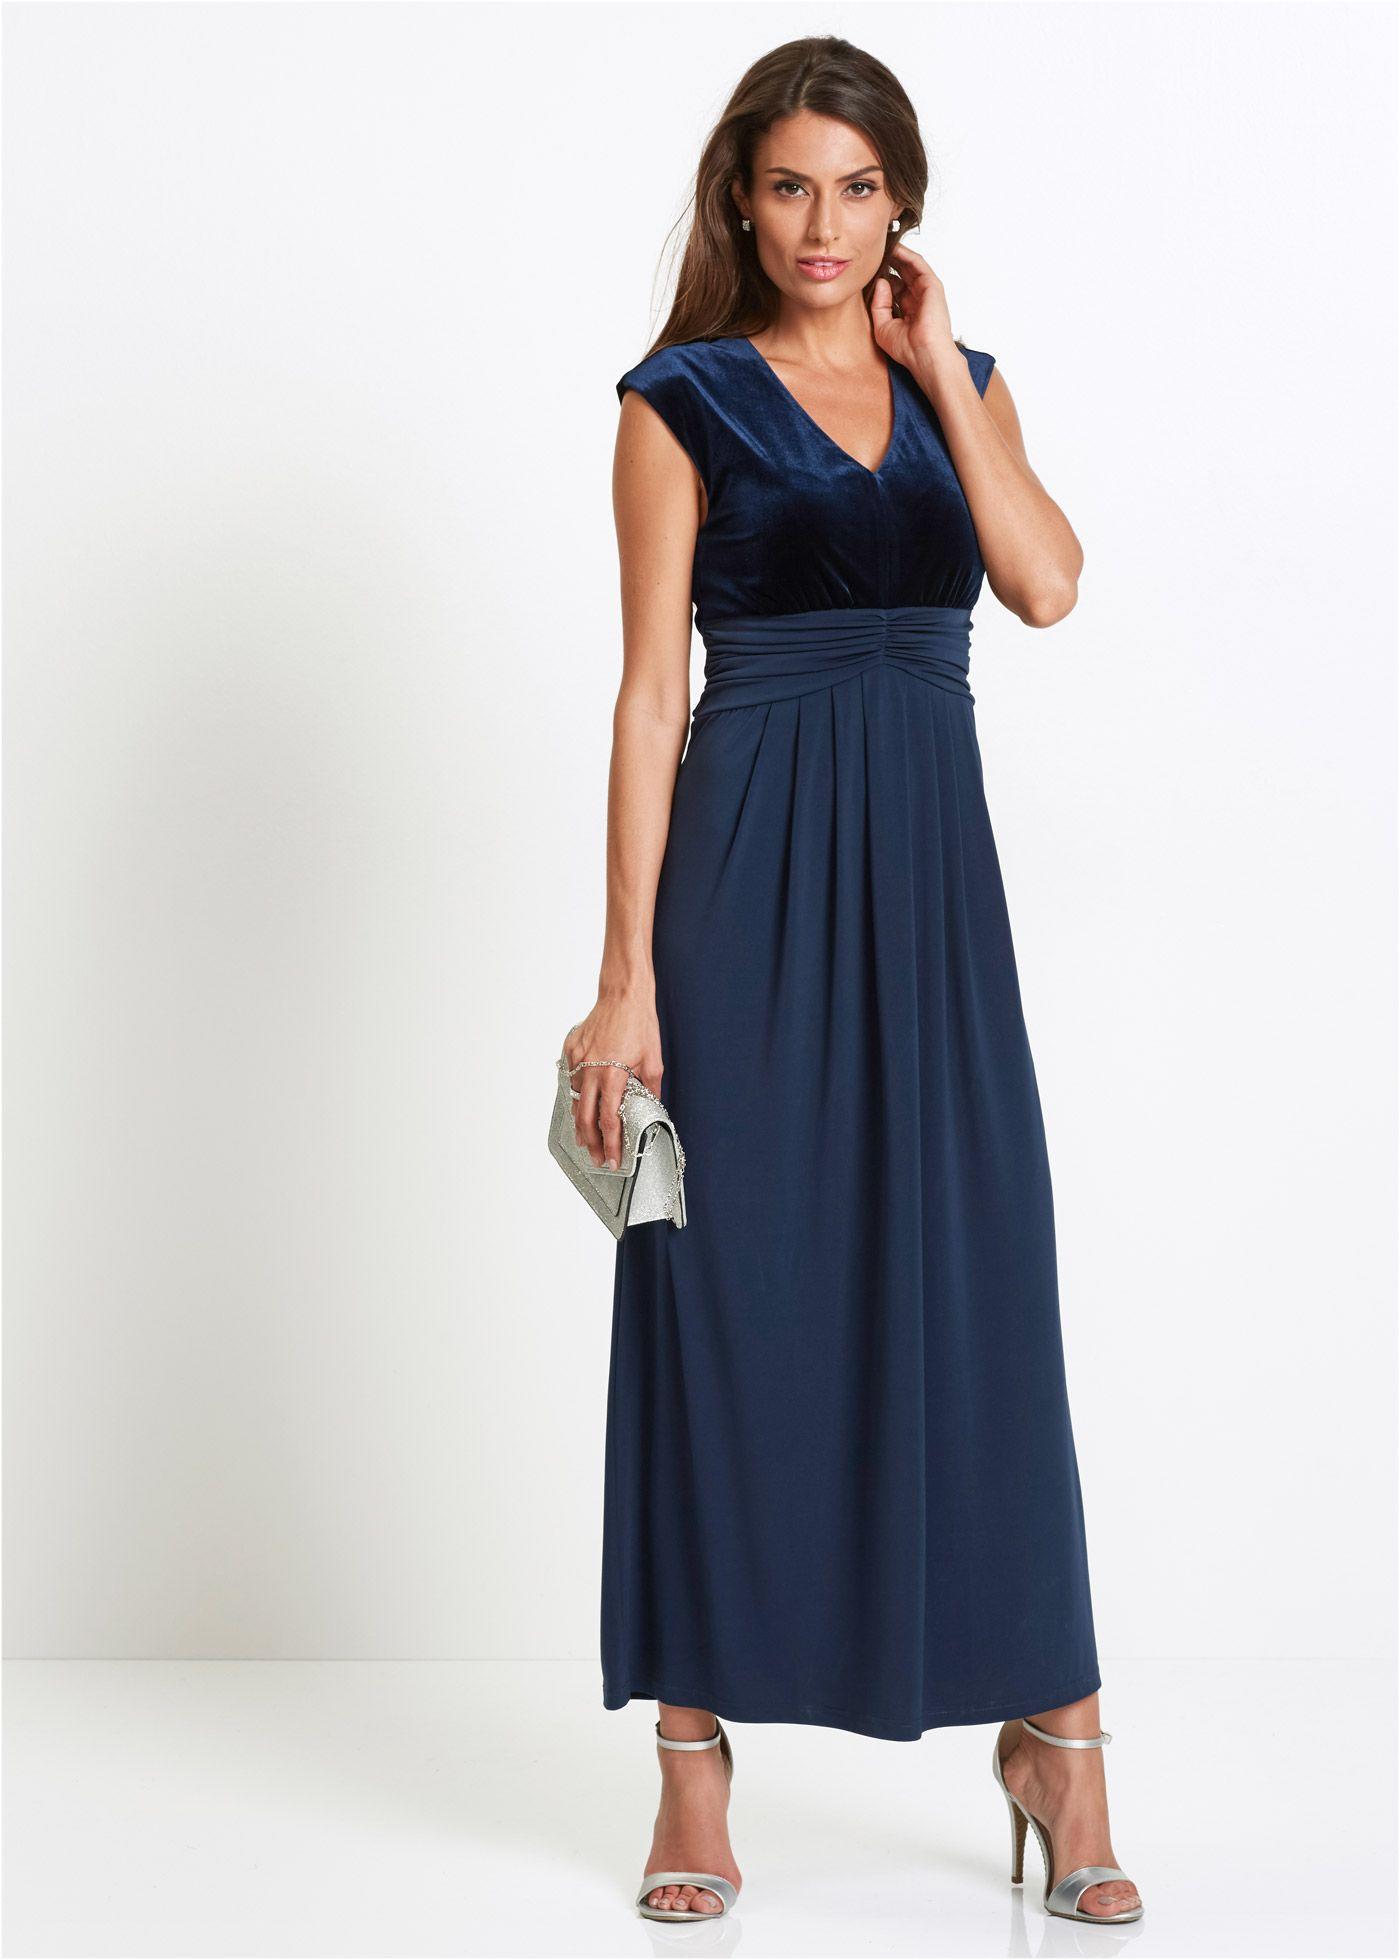 Dieses Premium Abendkleid mit Samt sorgt für einen stilvollen